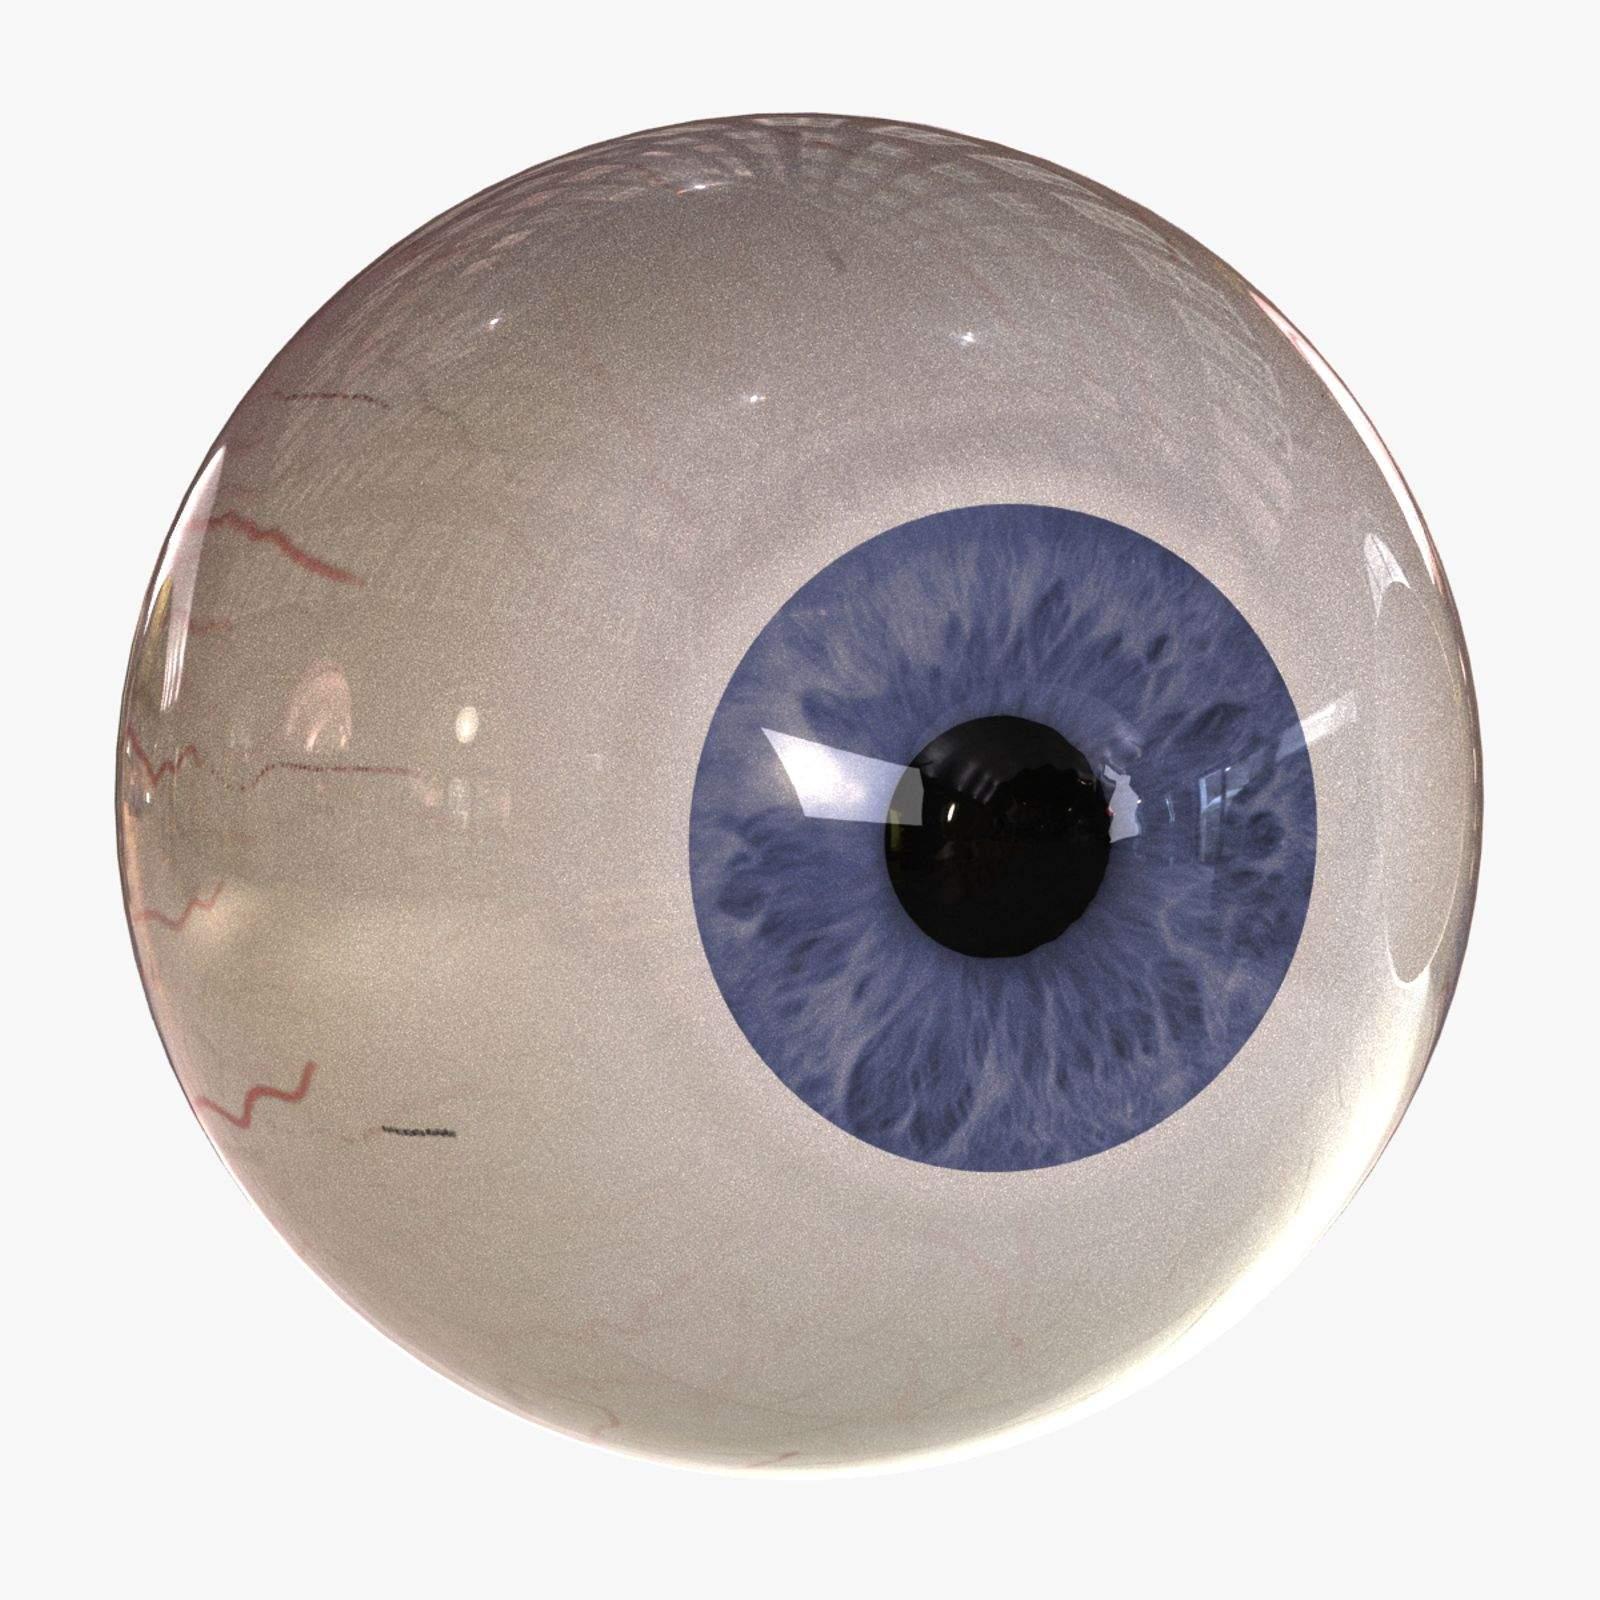 筛查眼病风险,青岛将向基层投放15台人工智能眼底影像设备